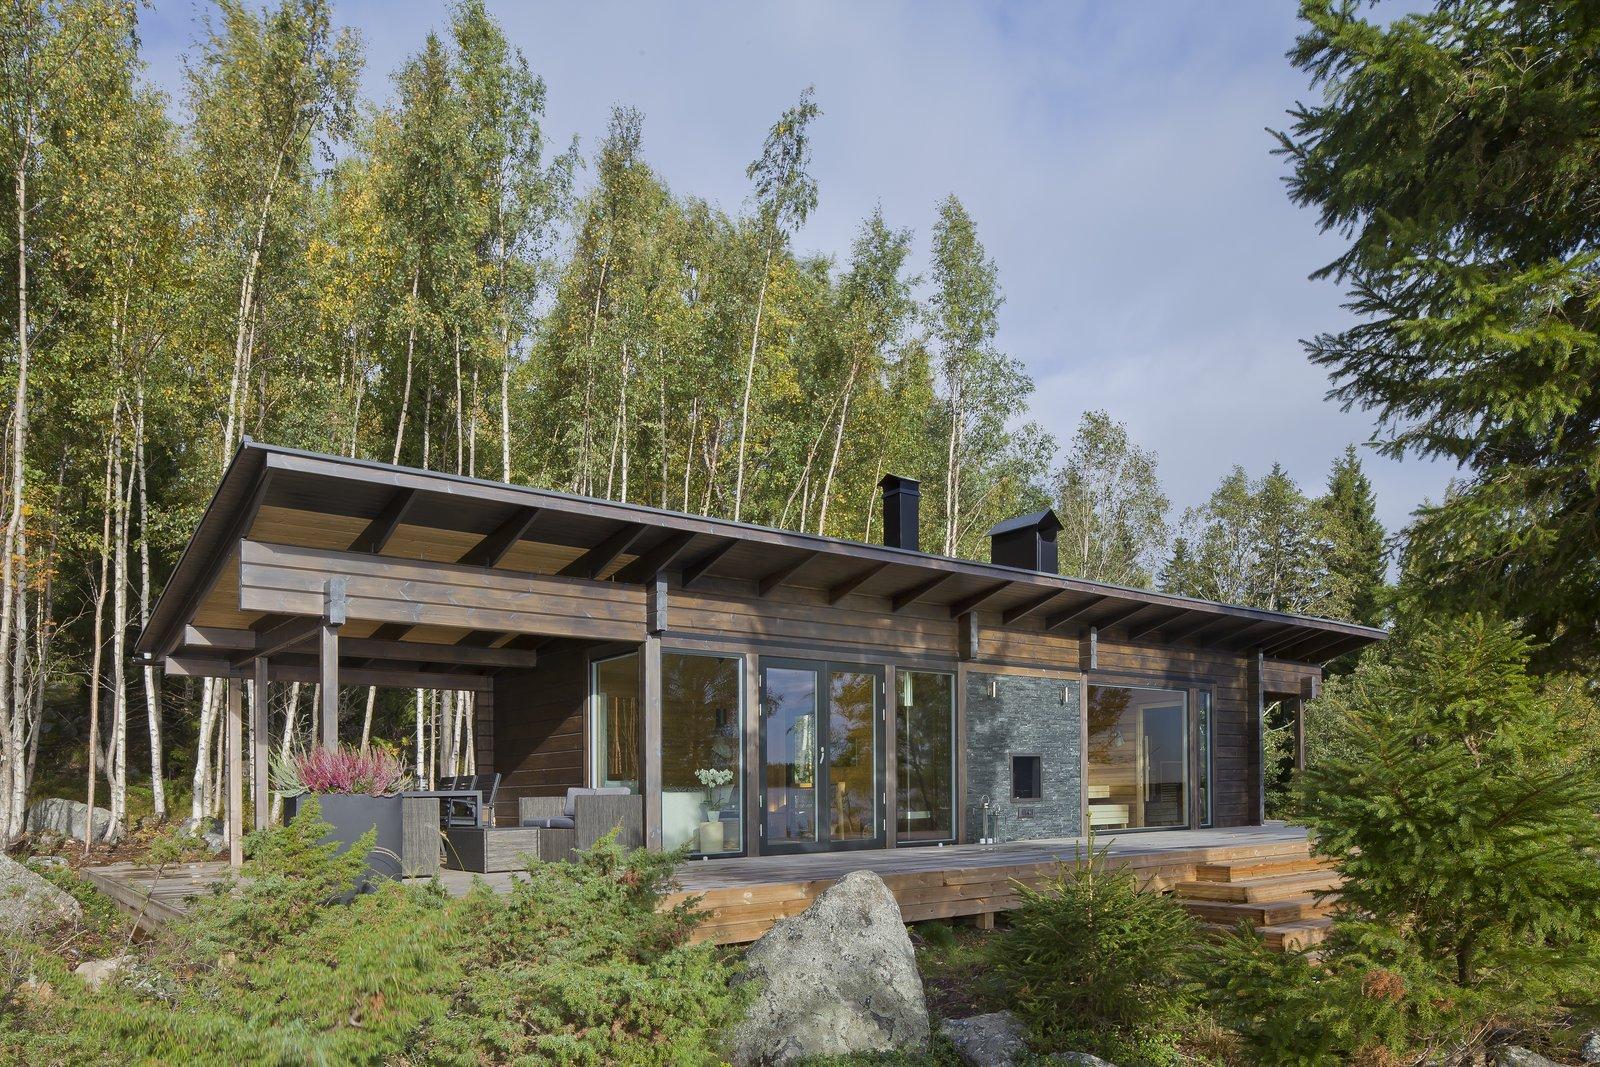 Kide Log Cabin exterior.